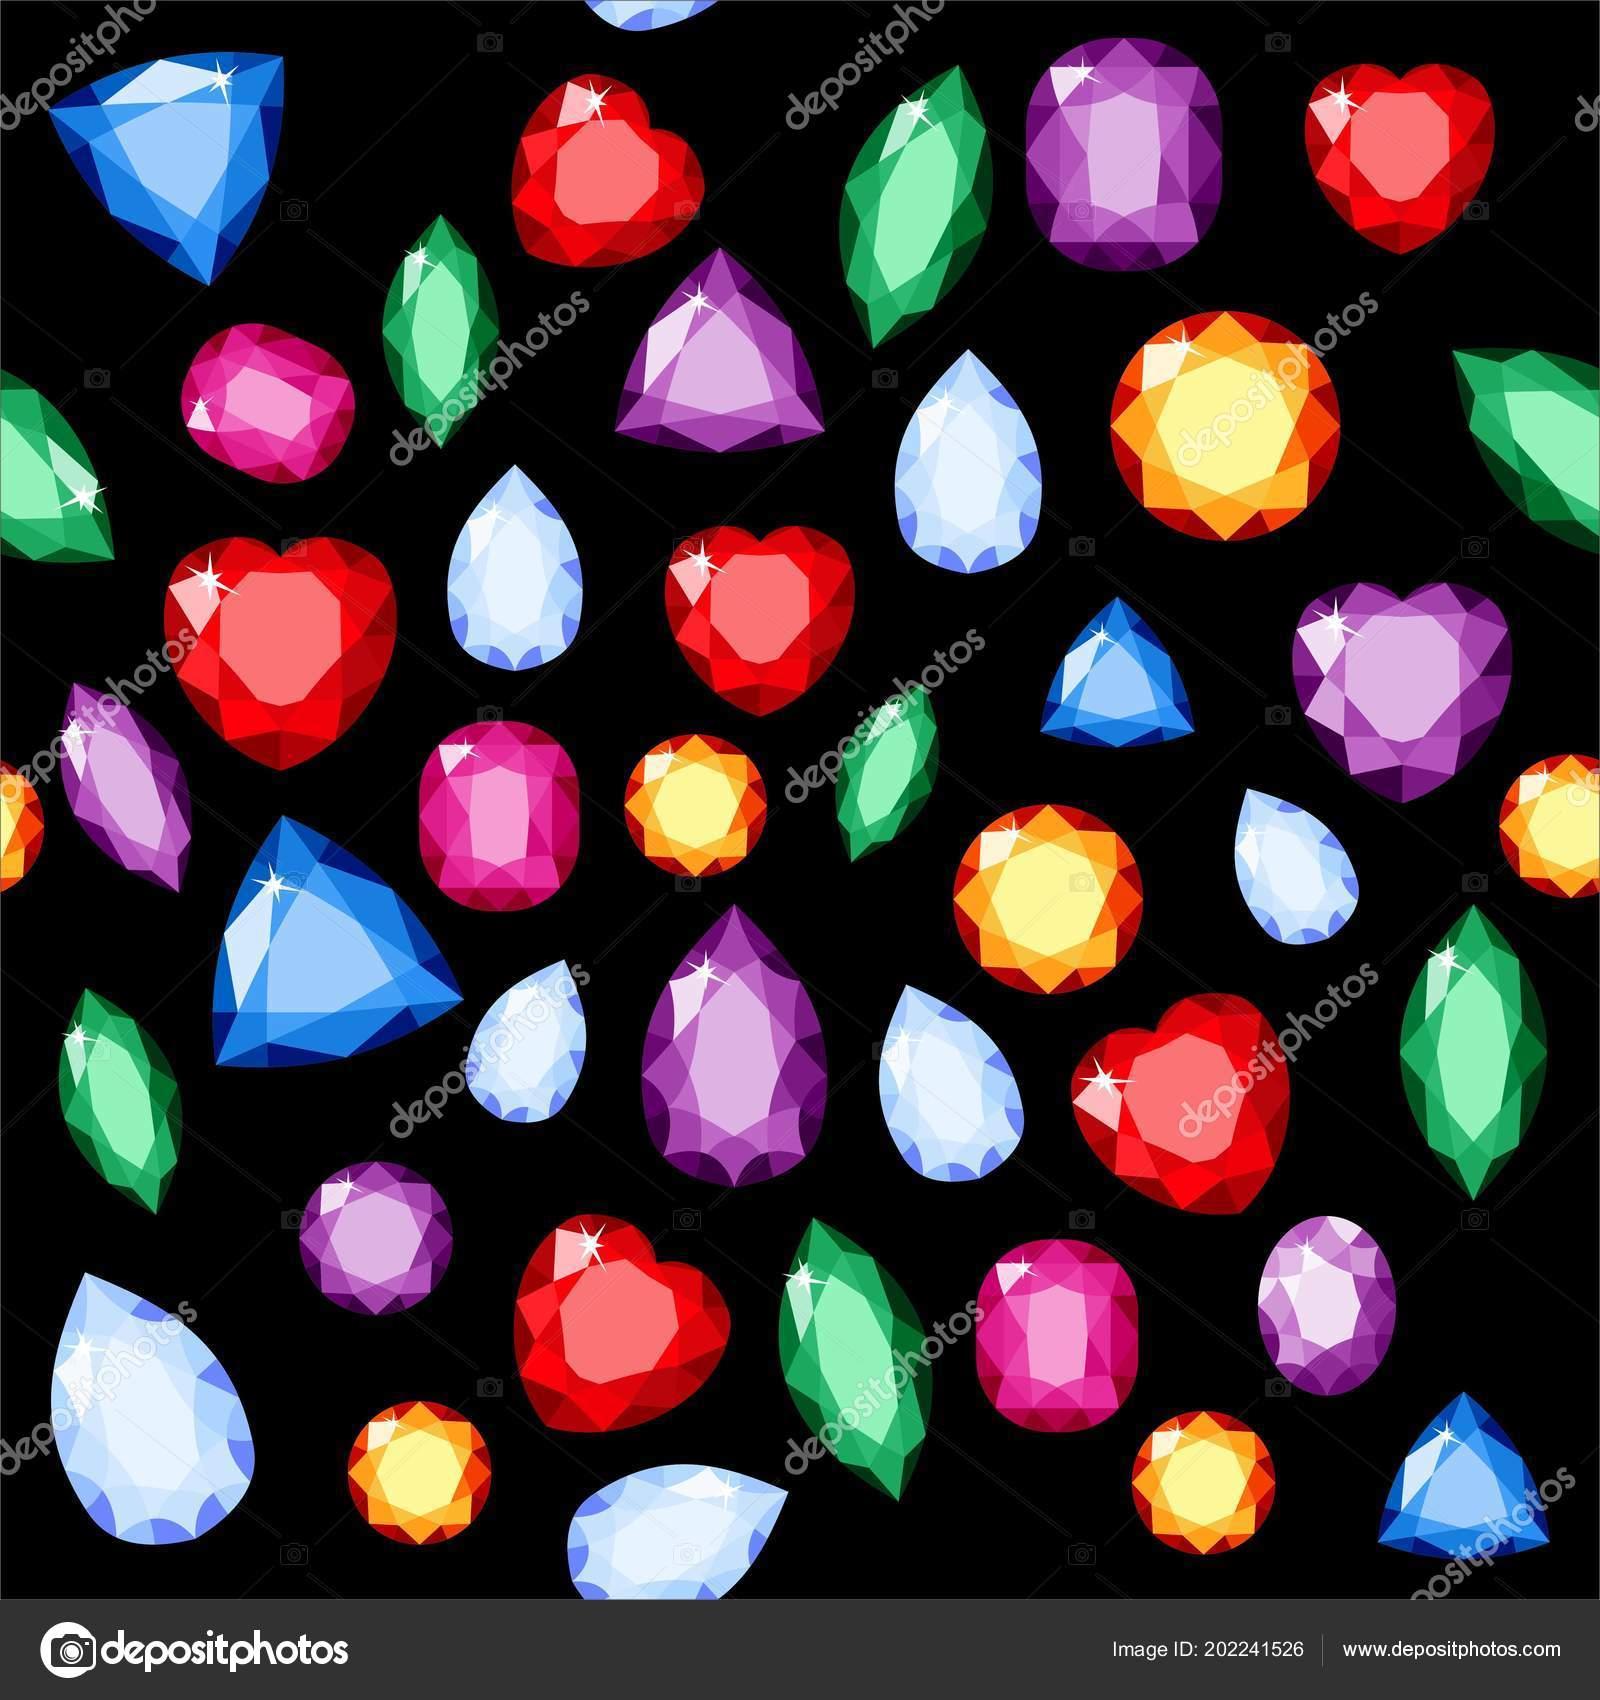 059630f86e33 Conjunto de joyas realistas. Piedras preciosas coloridas. Vector ...